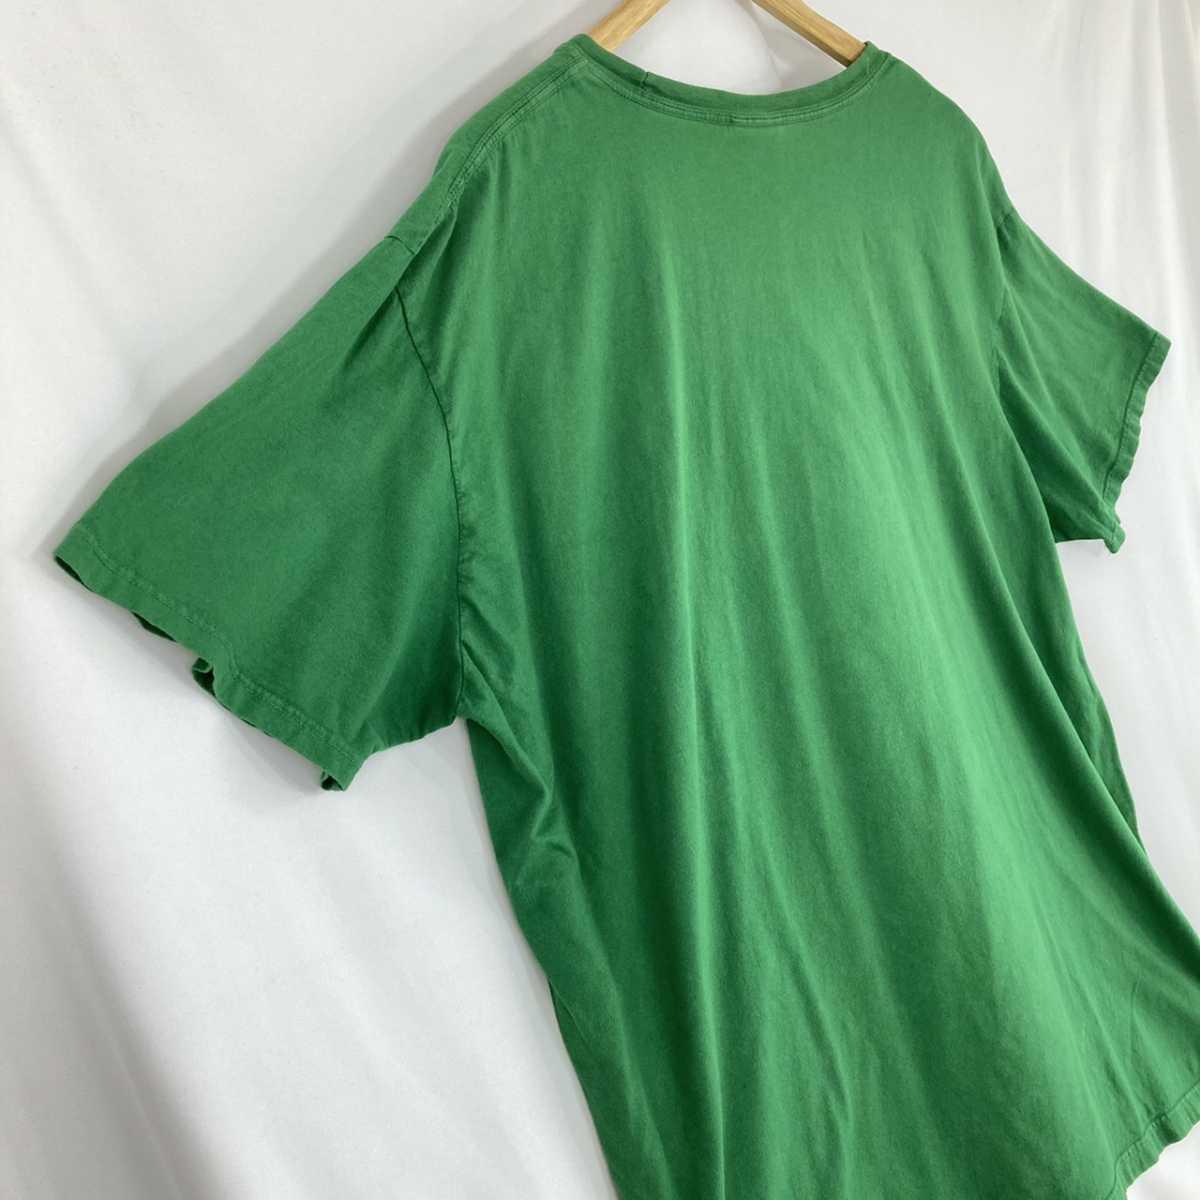 【人気カラー】ラルフローレン Tシャツ 刺繍ロゴ 緑 グリーン 古着 XXL_画像7